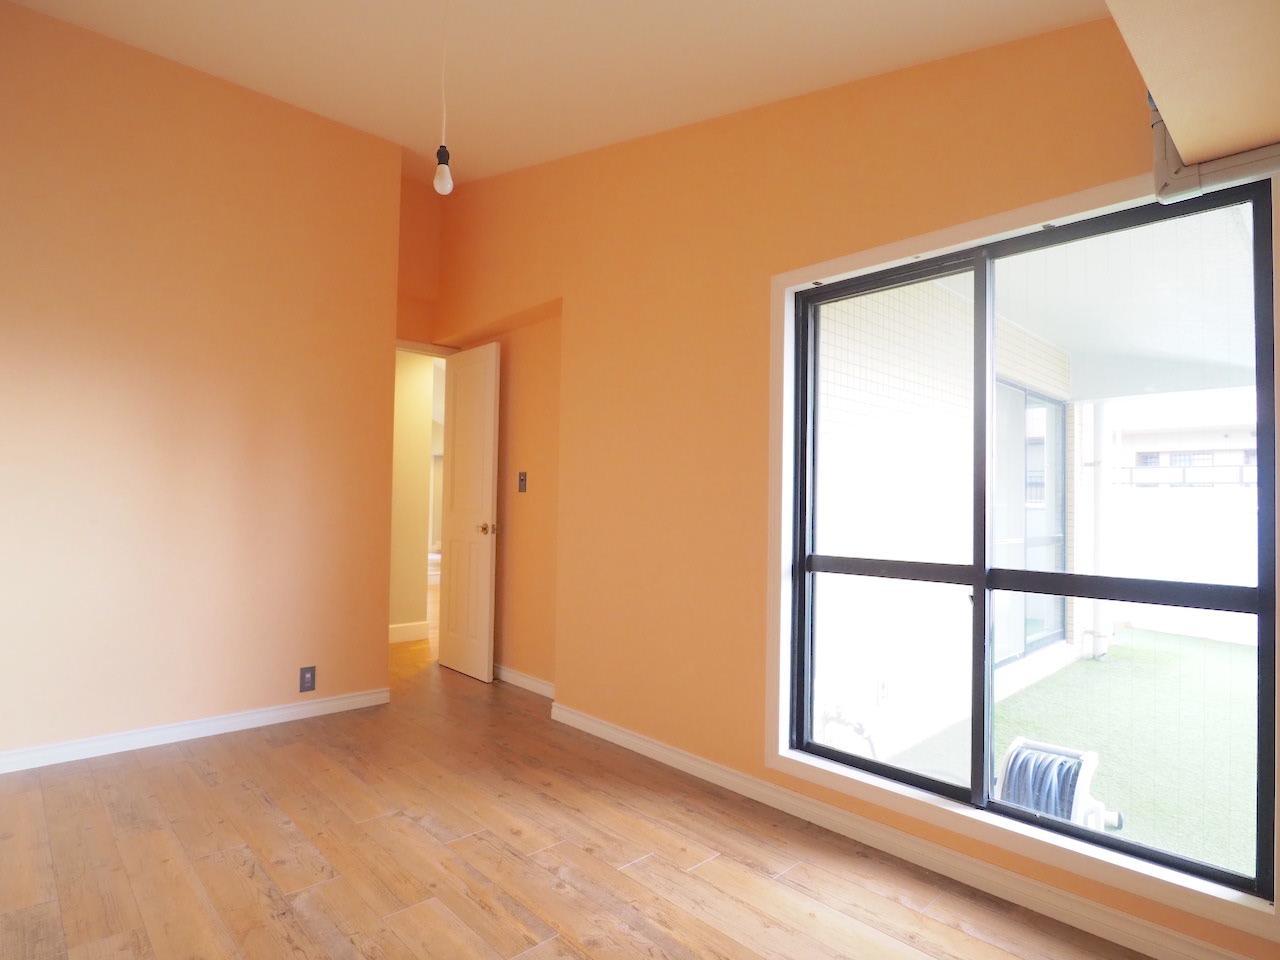 5.3帖の洋室。壁紙はペールオレンジ。